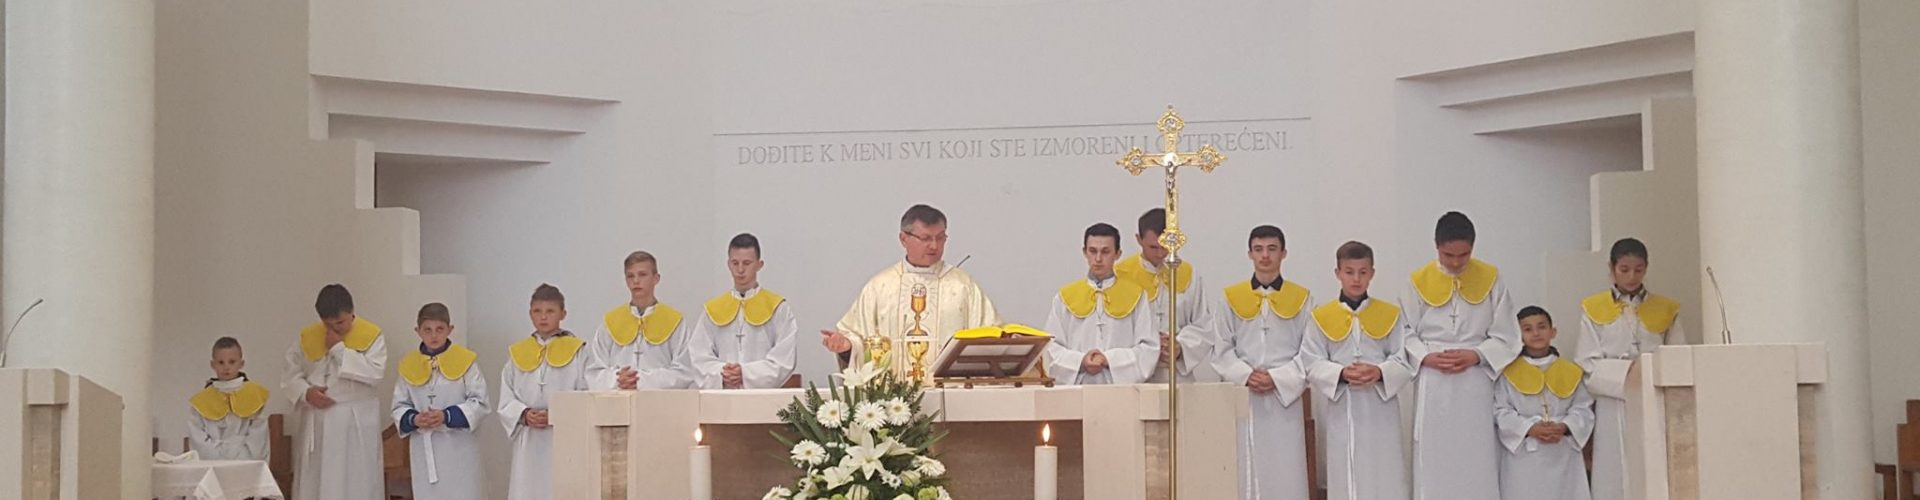 Uskršnja misa u Glini